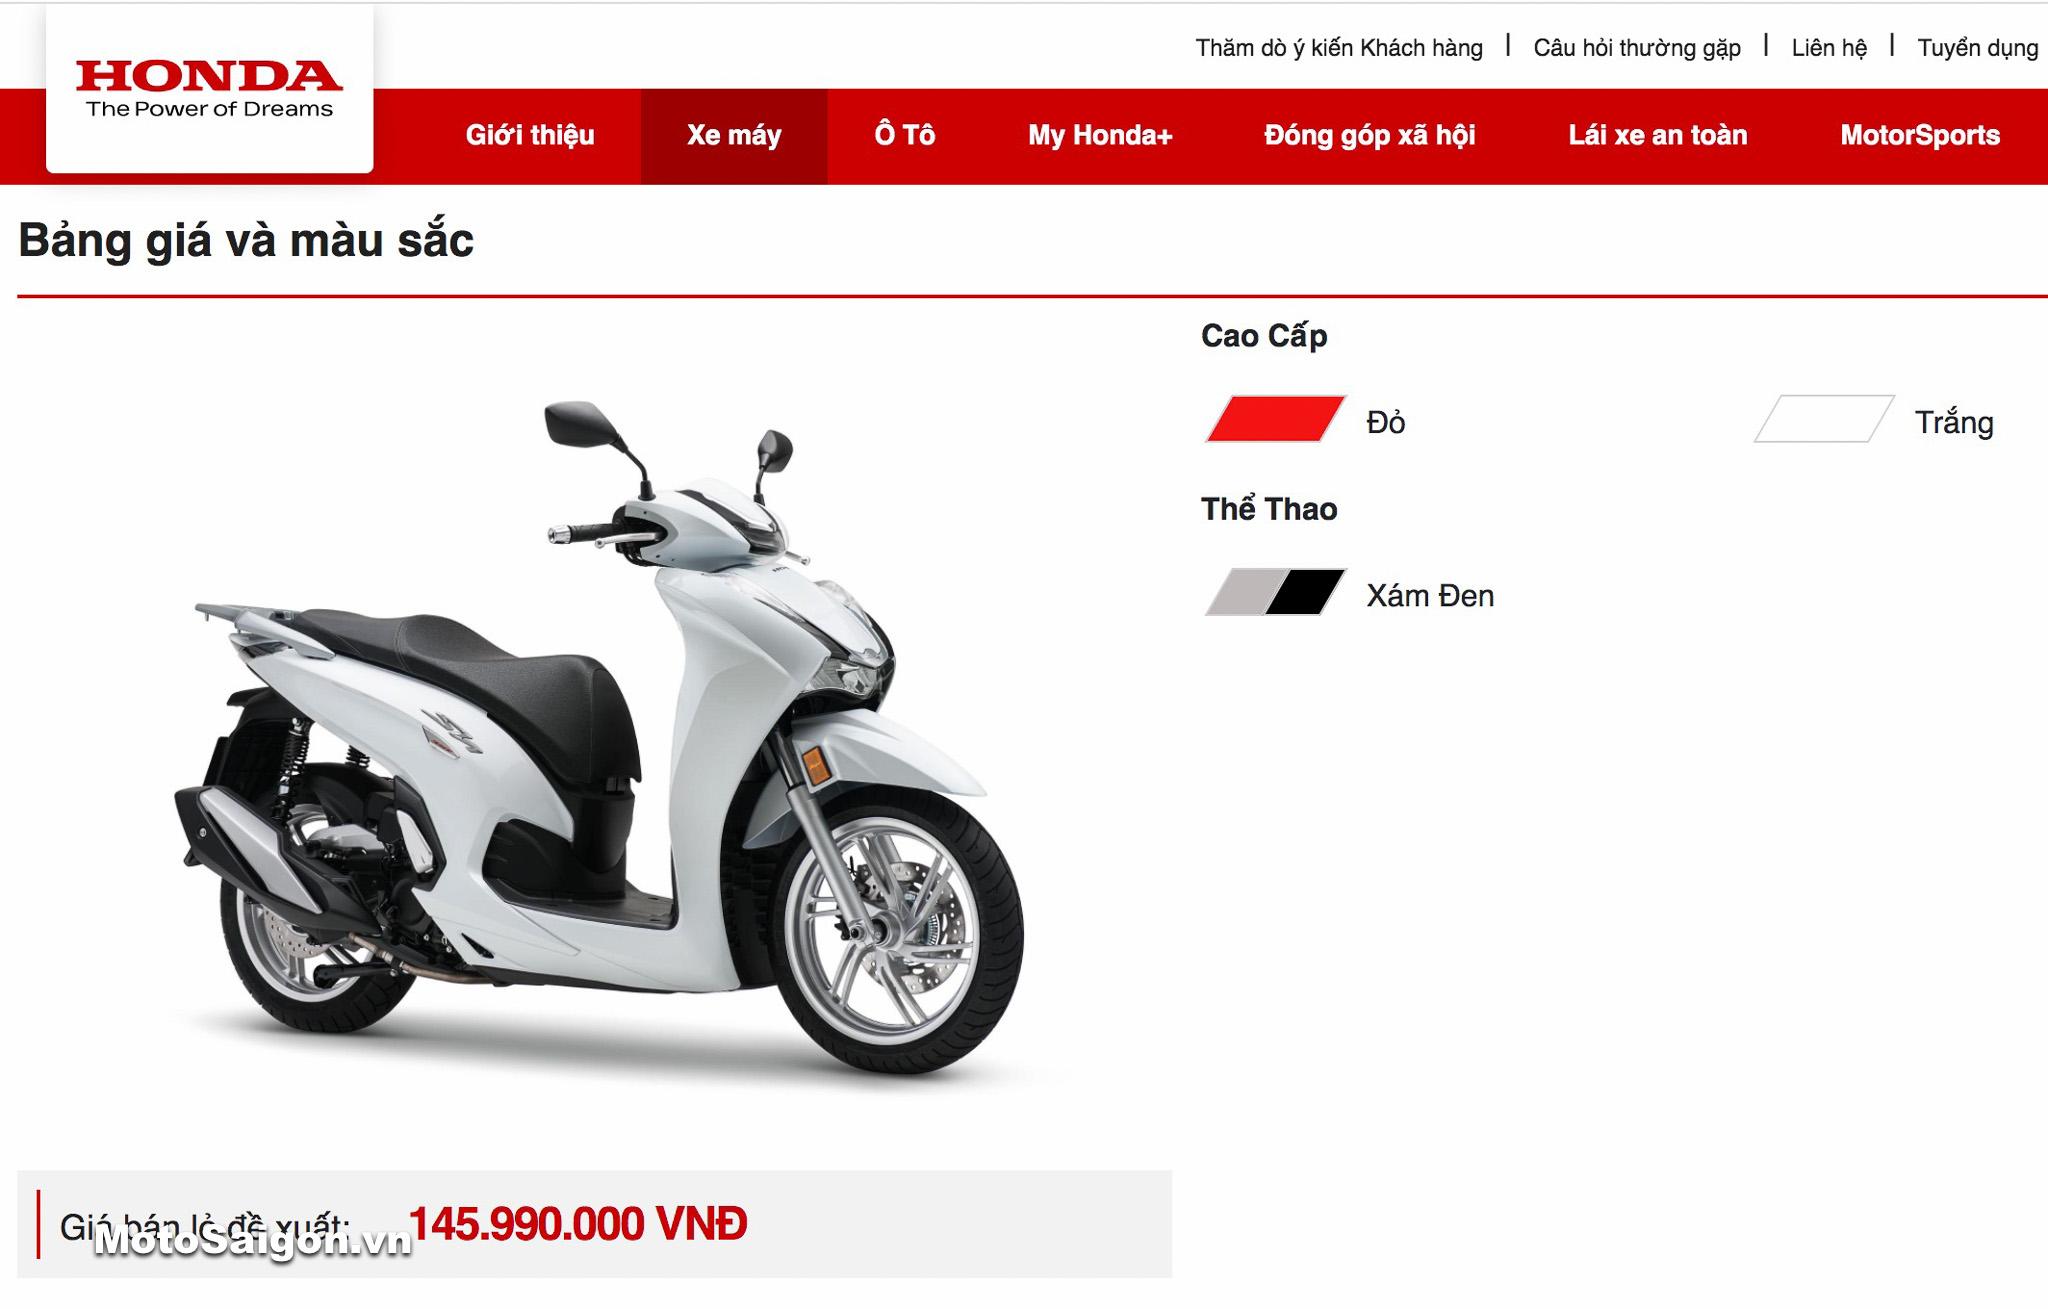 Giá xe Honda Sh350i 2021 chính hãng đã được Honda Việt nam công bố chính thức trên trang chủ